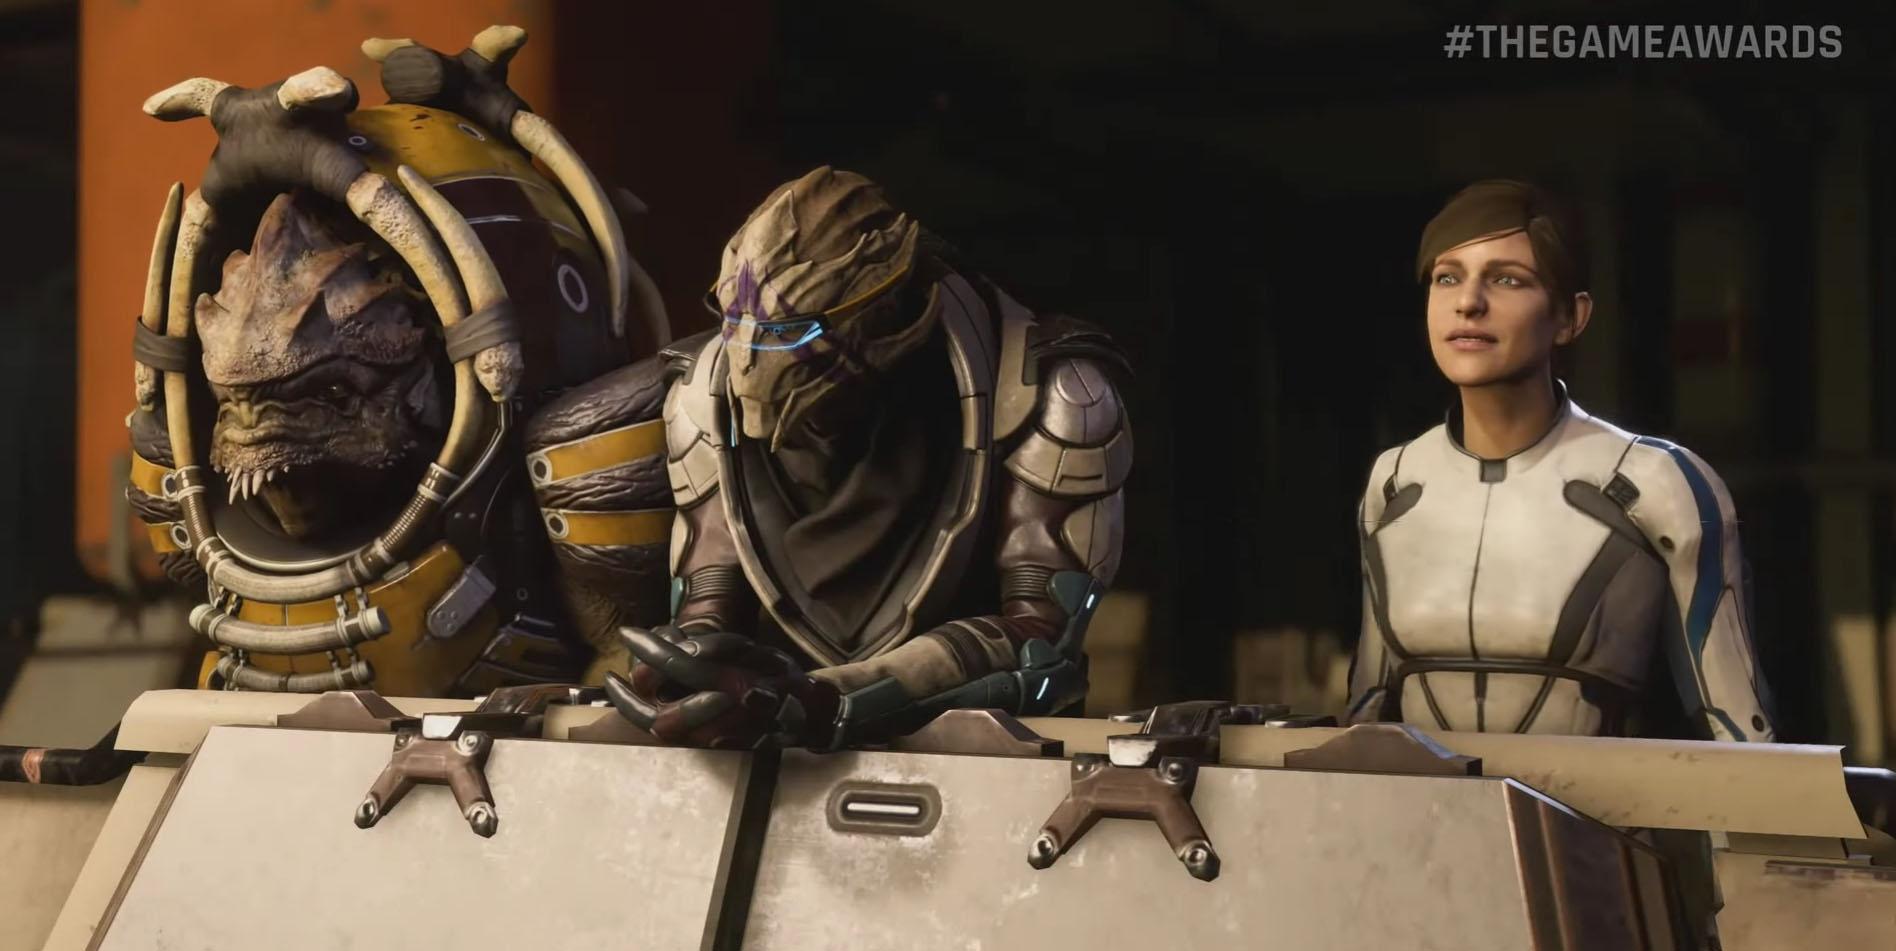 Mass Effect: Andromeda får kritikk for dårlig leppesynkronisering etter at spilltraileren ble lansert i går.